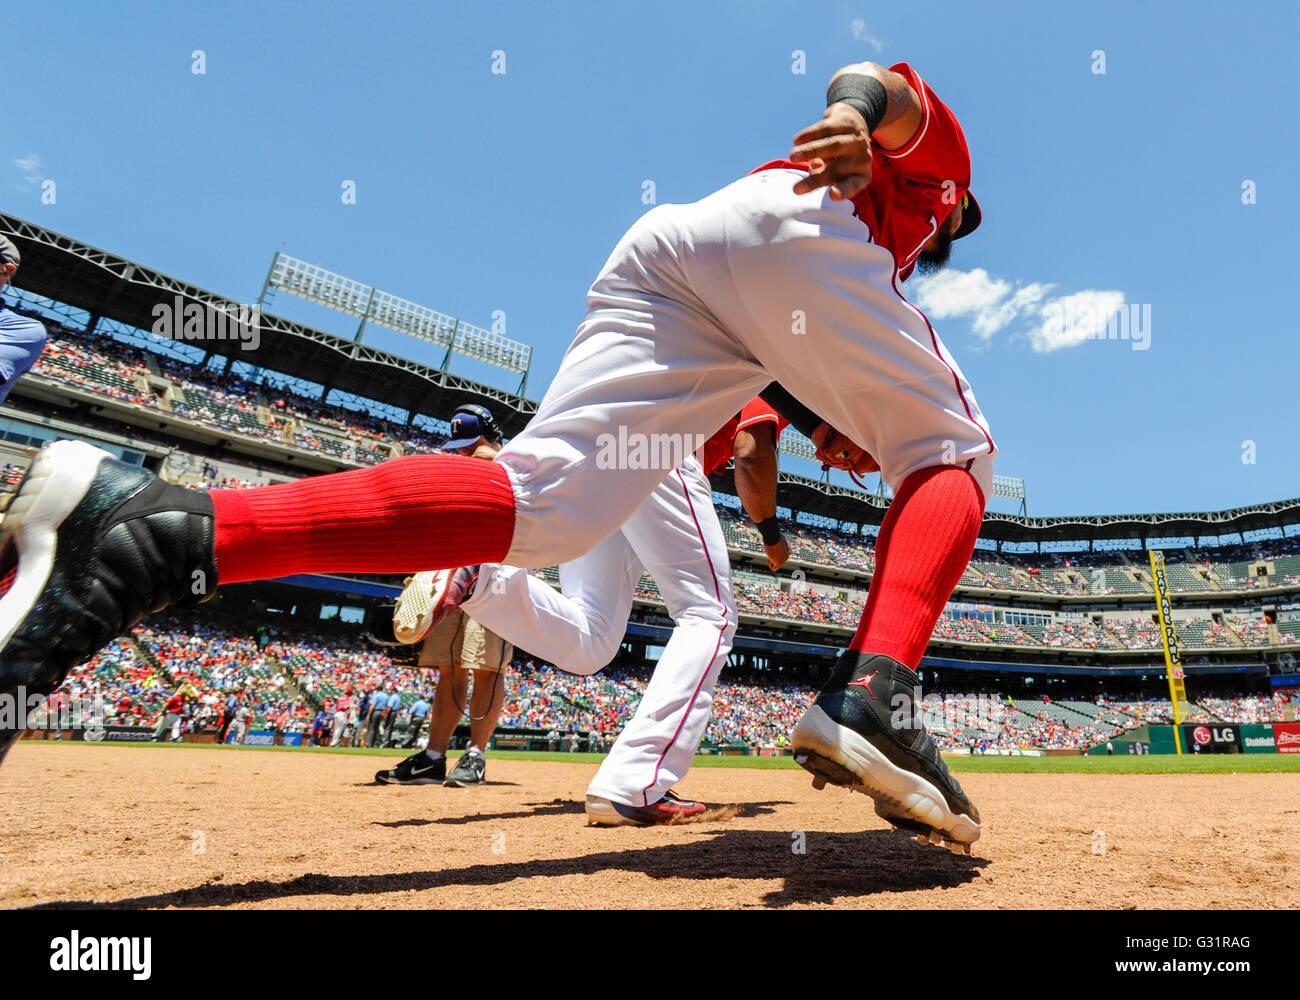 5 juin 2016: _______ au cours d'un match entre la MLB Mariners de Seattle et les Texas Rangers à Photo Stock